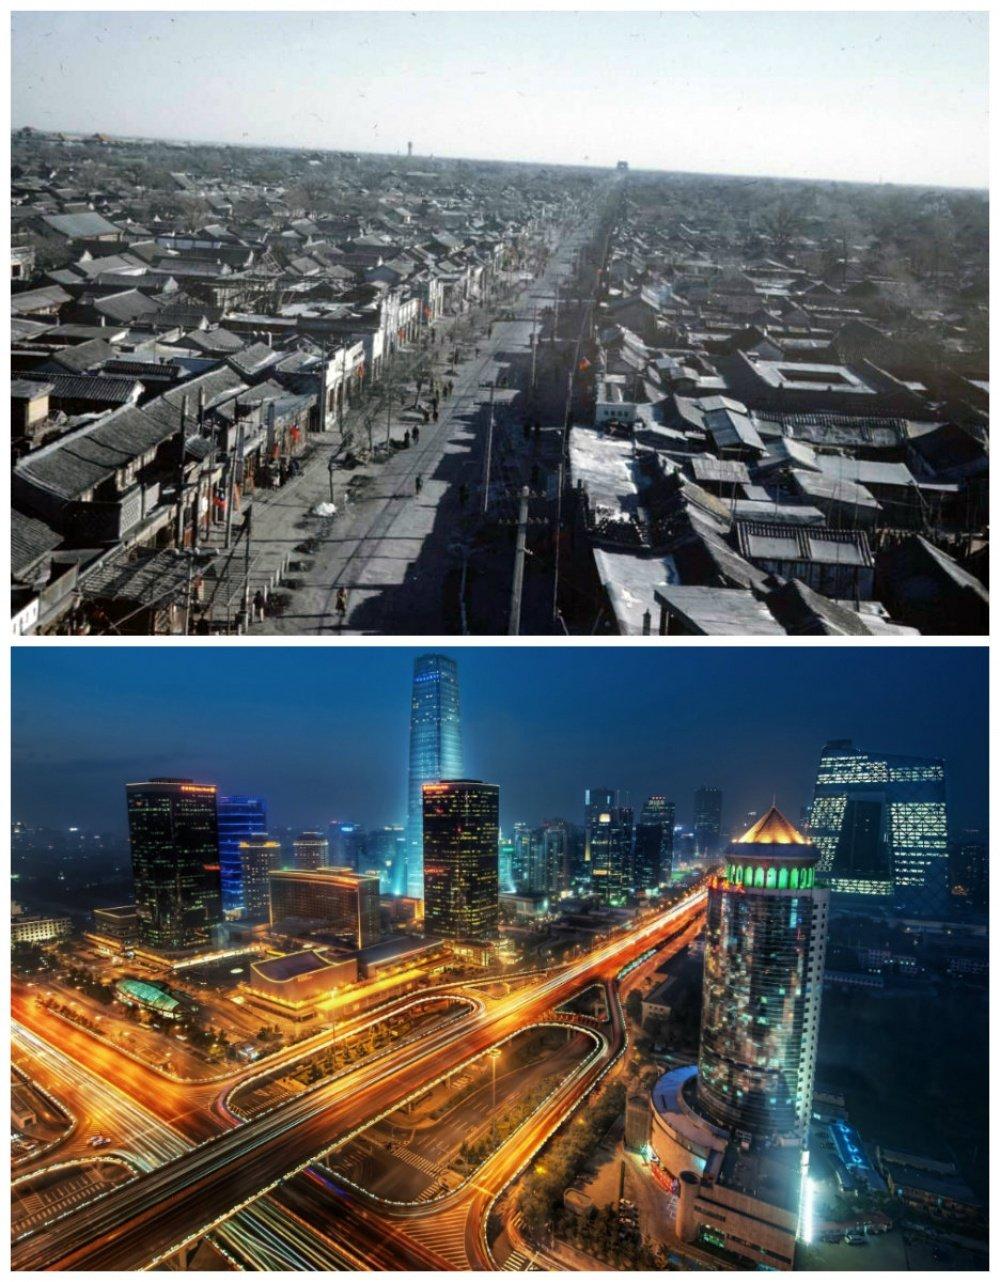 10 miast, które na przestrzeni lat zmieniły się nie do poznania. To wciąż te same miejsca